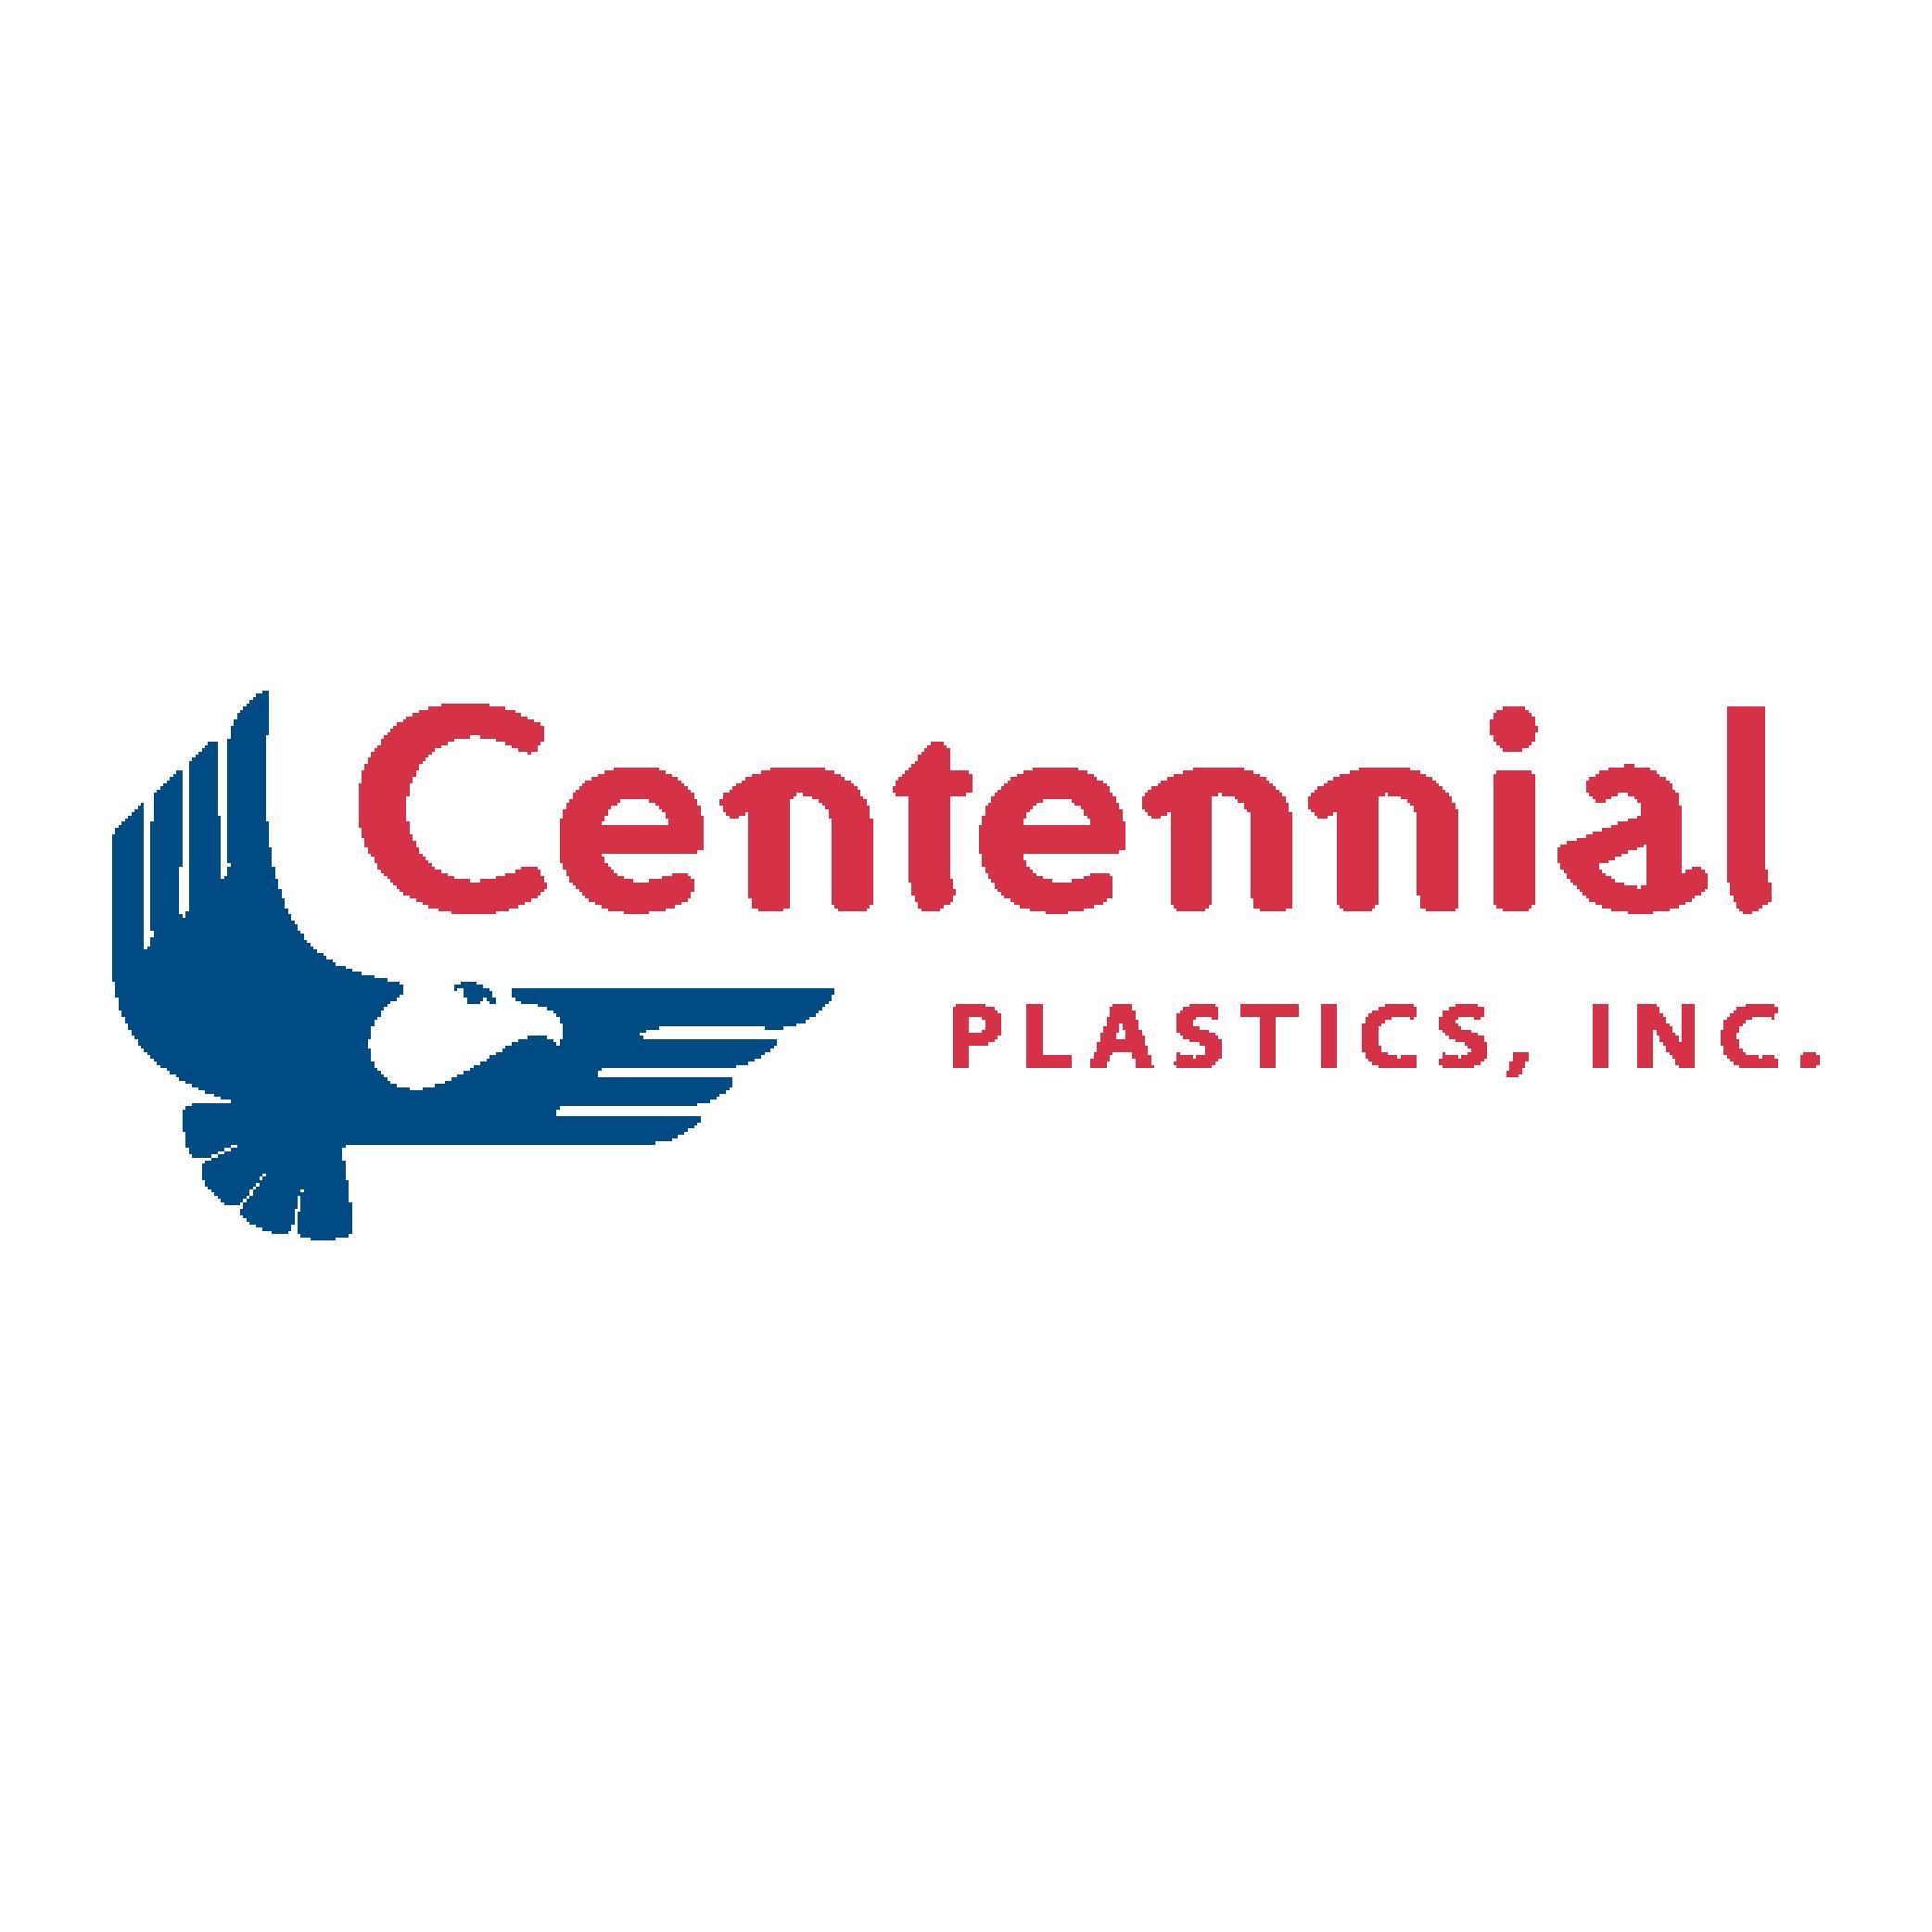 Copy of Centennial Plastics